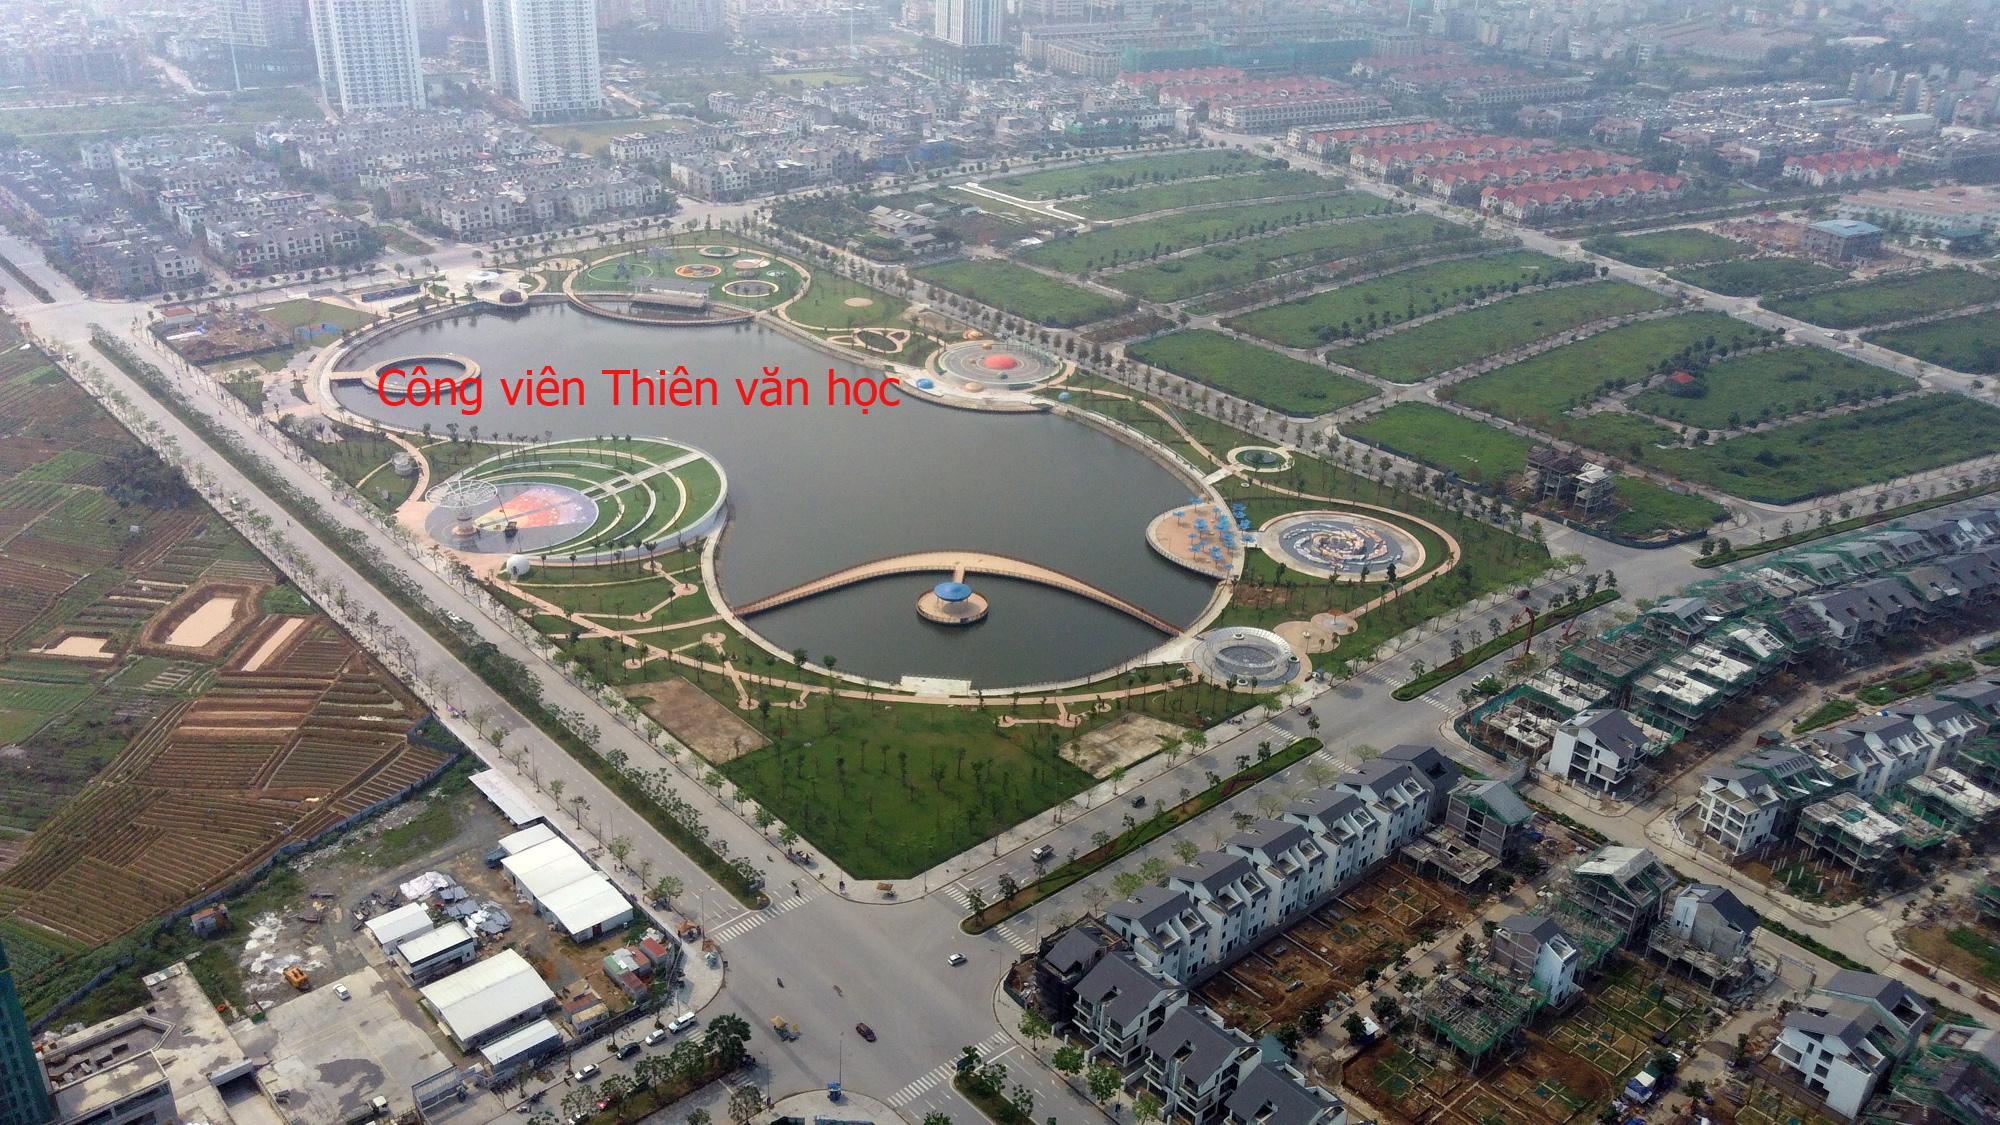 Những dự án hưởng lợi từ qui hoạch đường Lê Quang Đạo kéo dài - Ảnh 10.